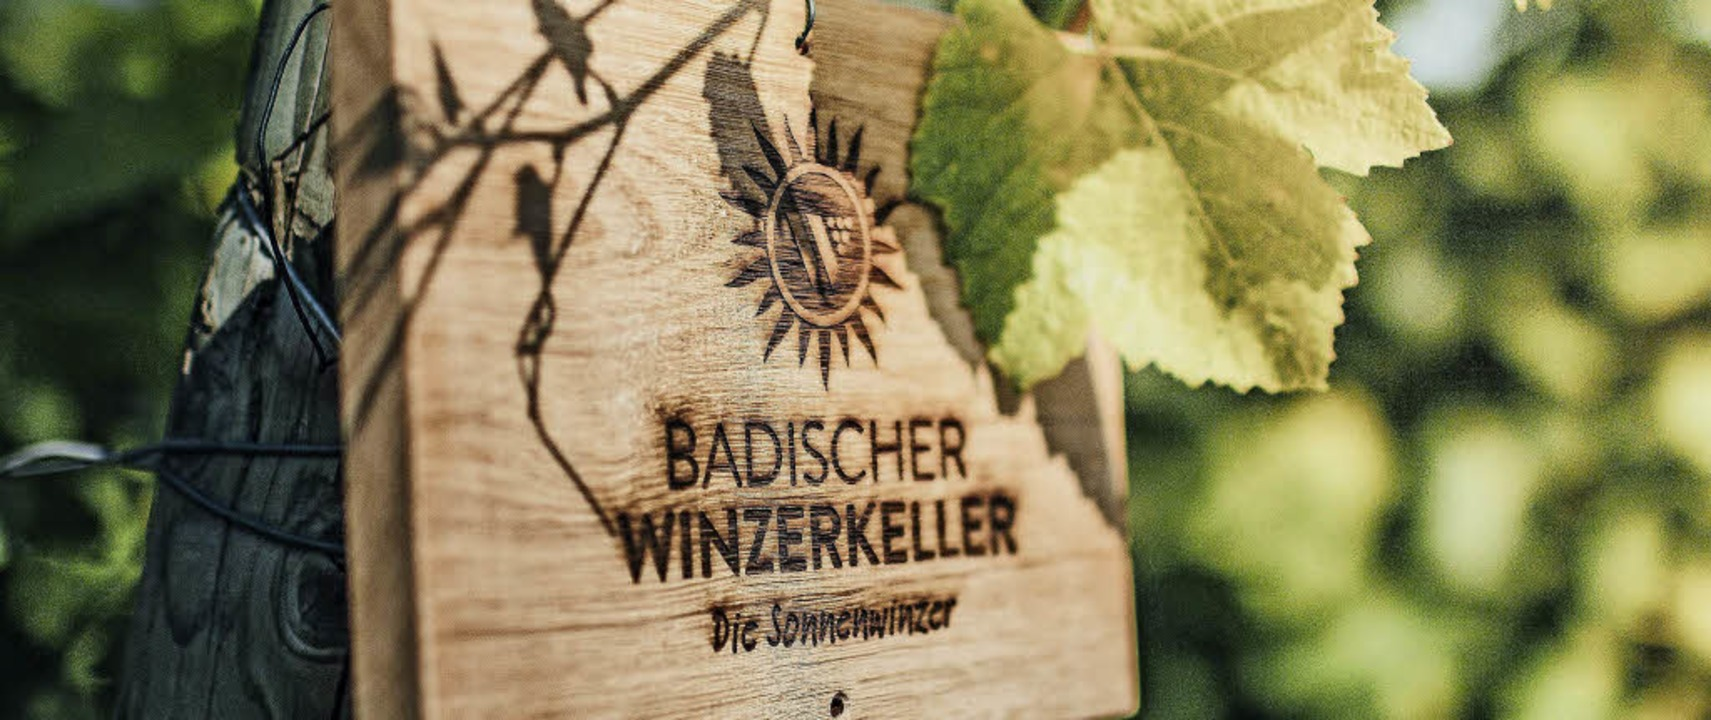 """Mit dem Slogan """"Die Sonnenwinzer...der Badische Winzerkeller in Breisach.    Foto: Privat"""